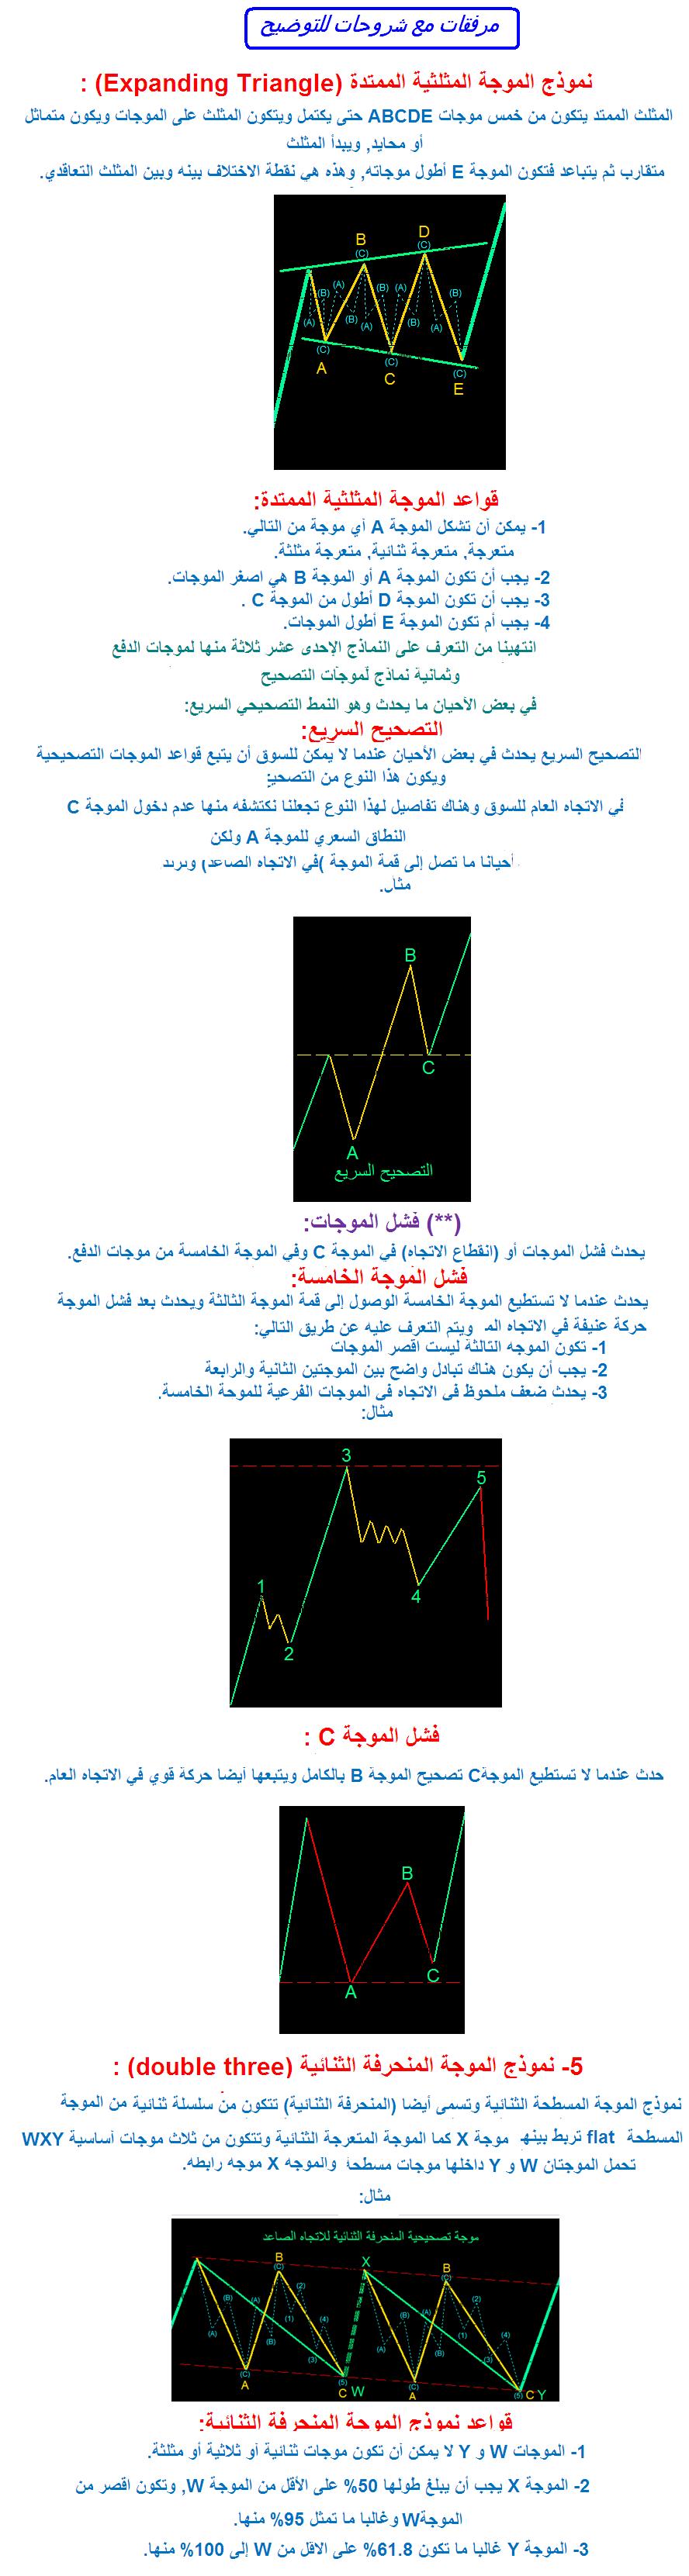 اتجاه الاسهم السعوديه اليوم الاربعاء d.php?hash=JTYBLFNIE